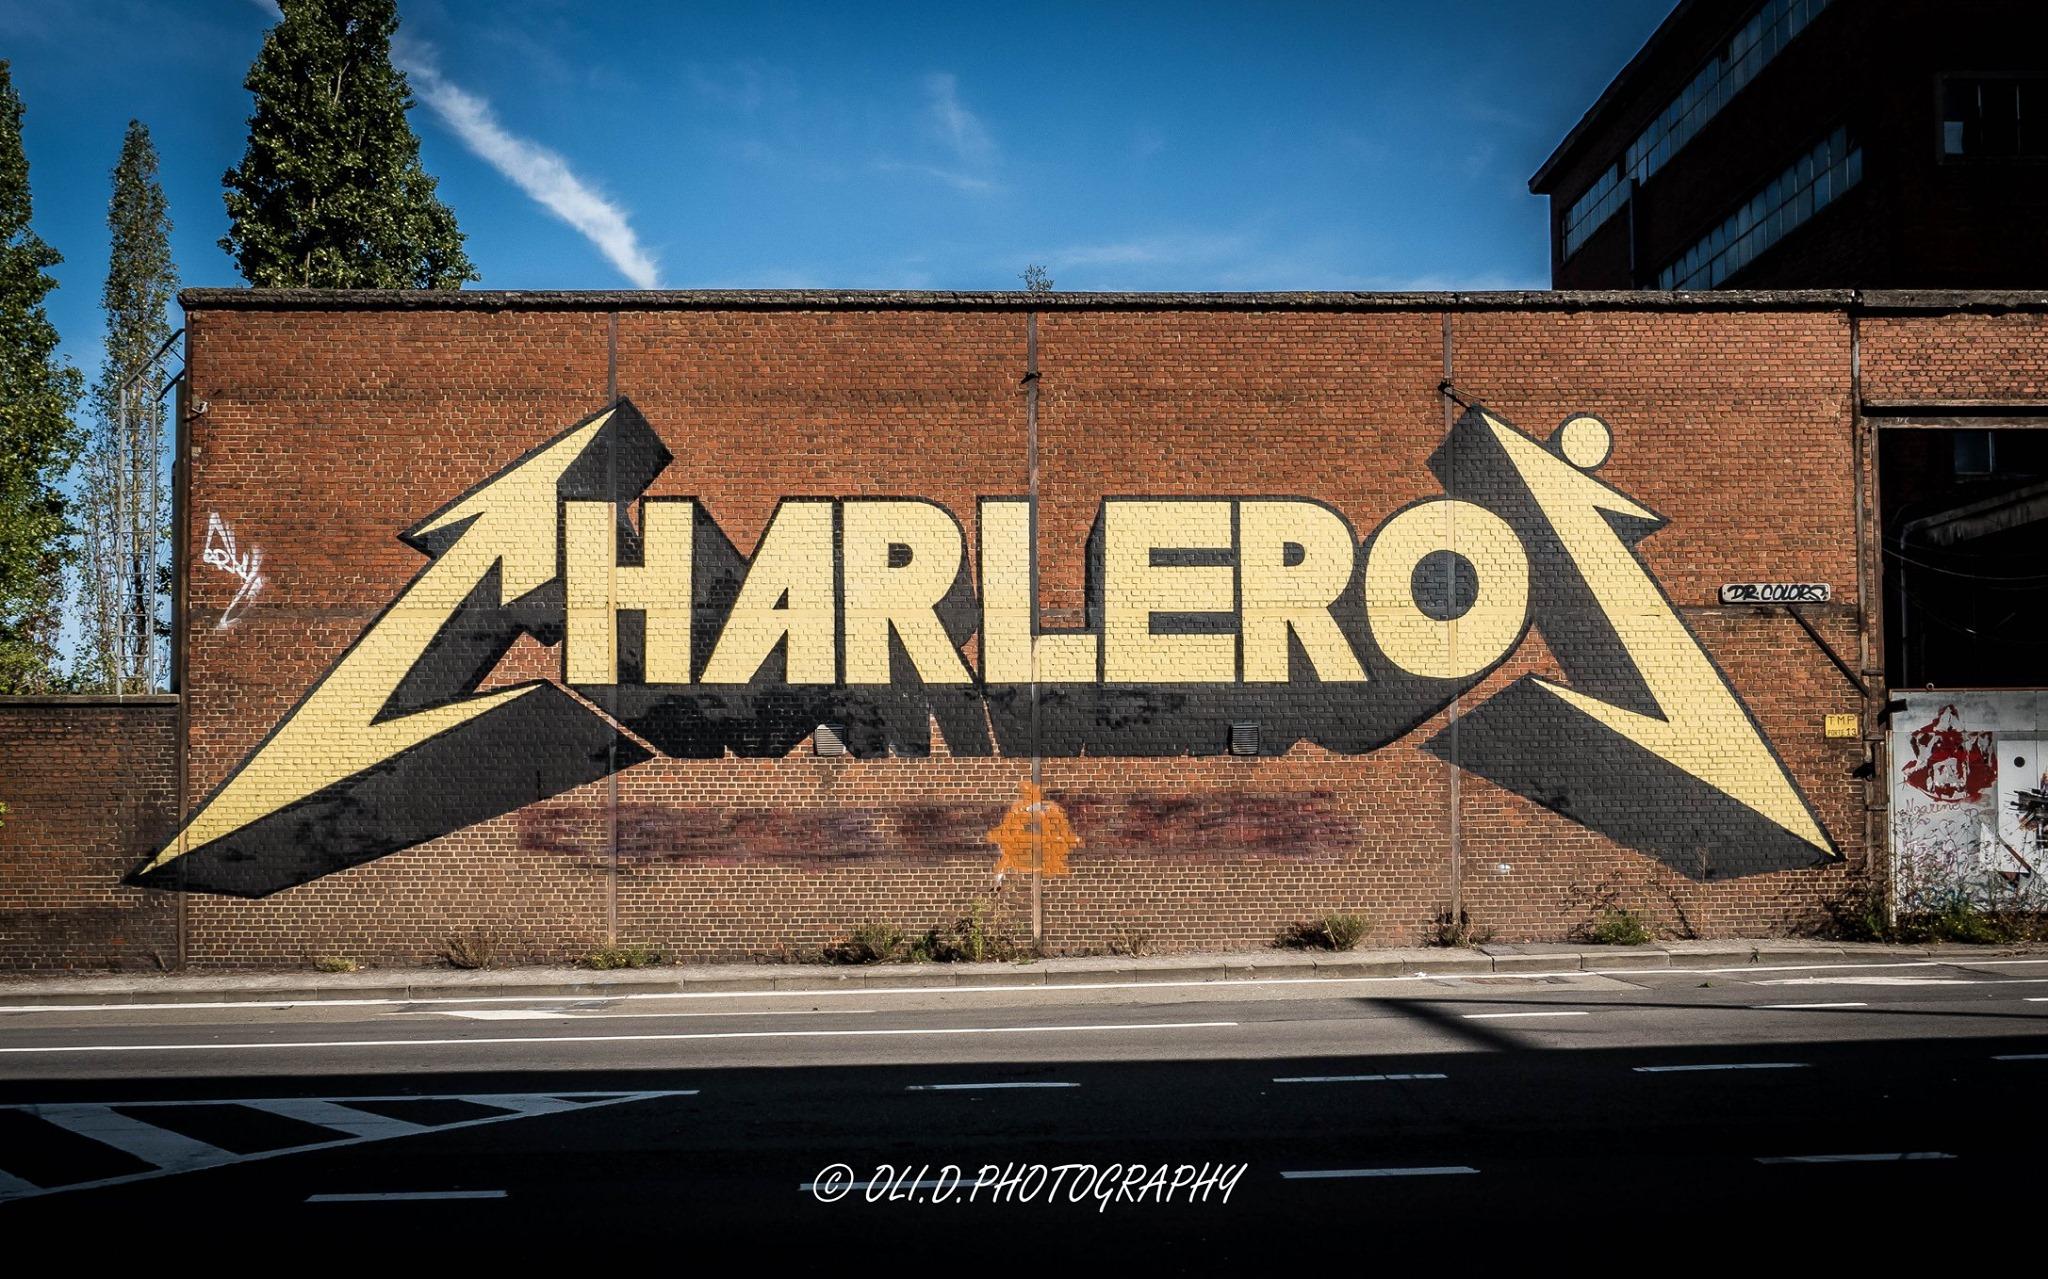 00024907 - Graffiti Charleroi.jpg